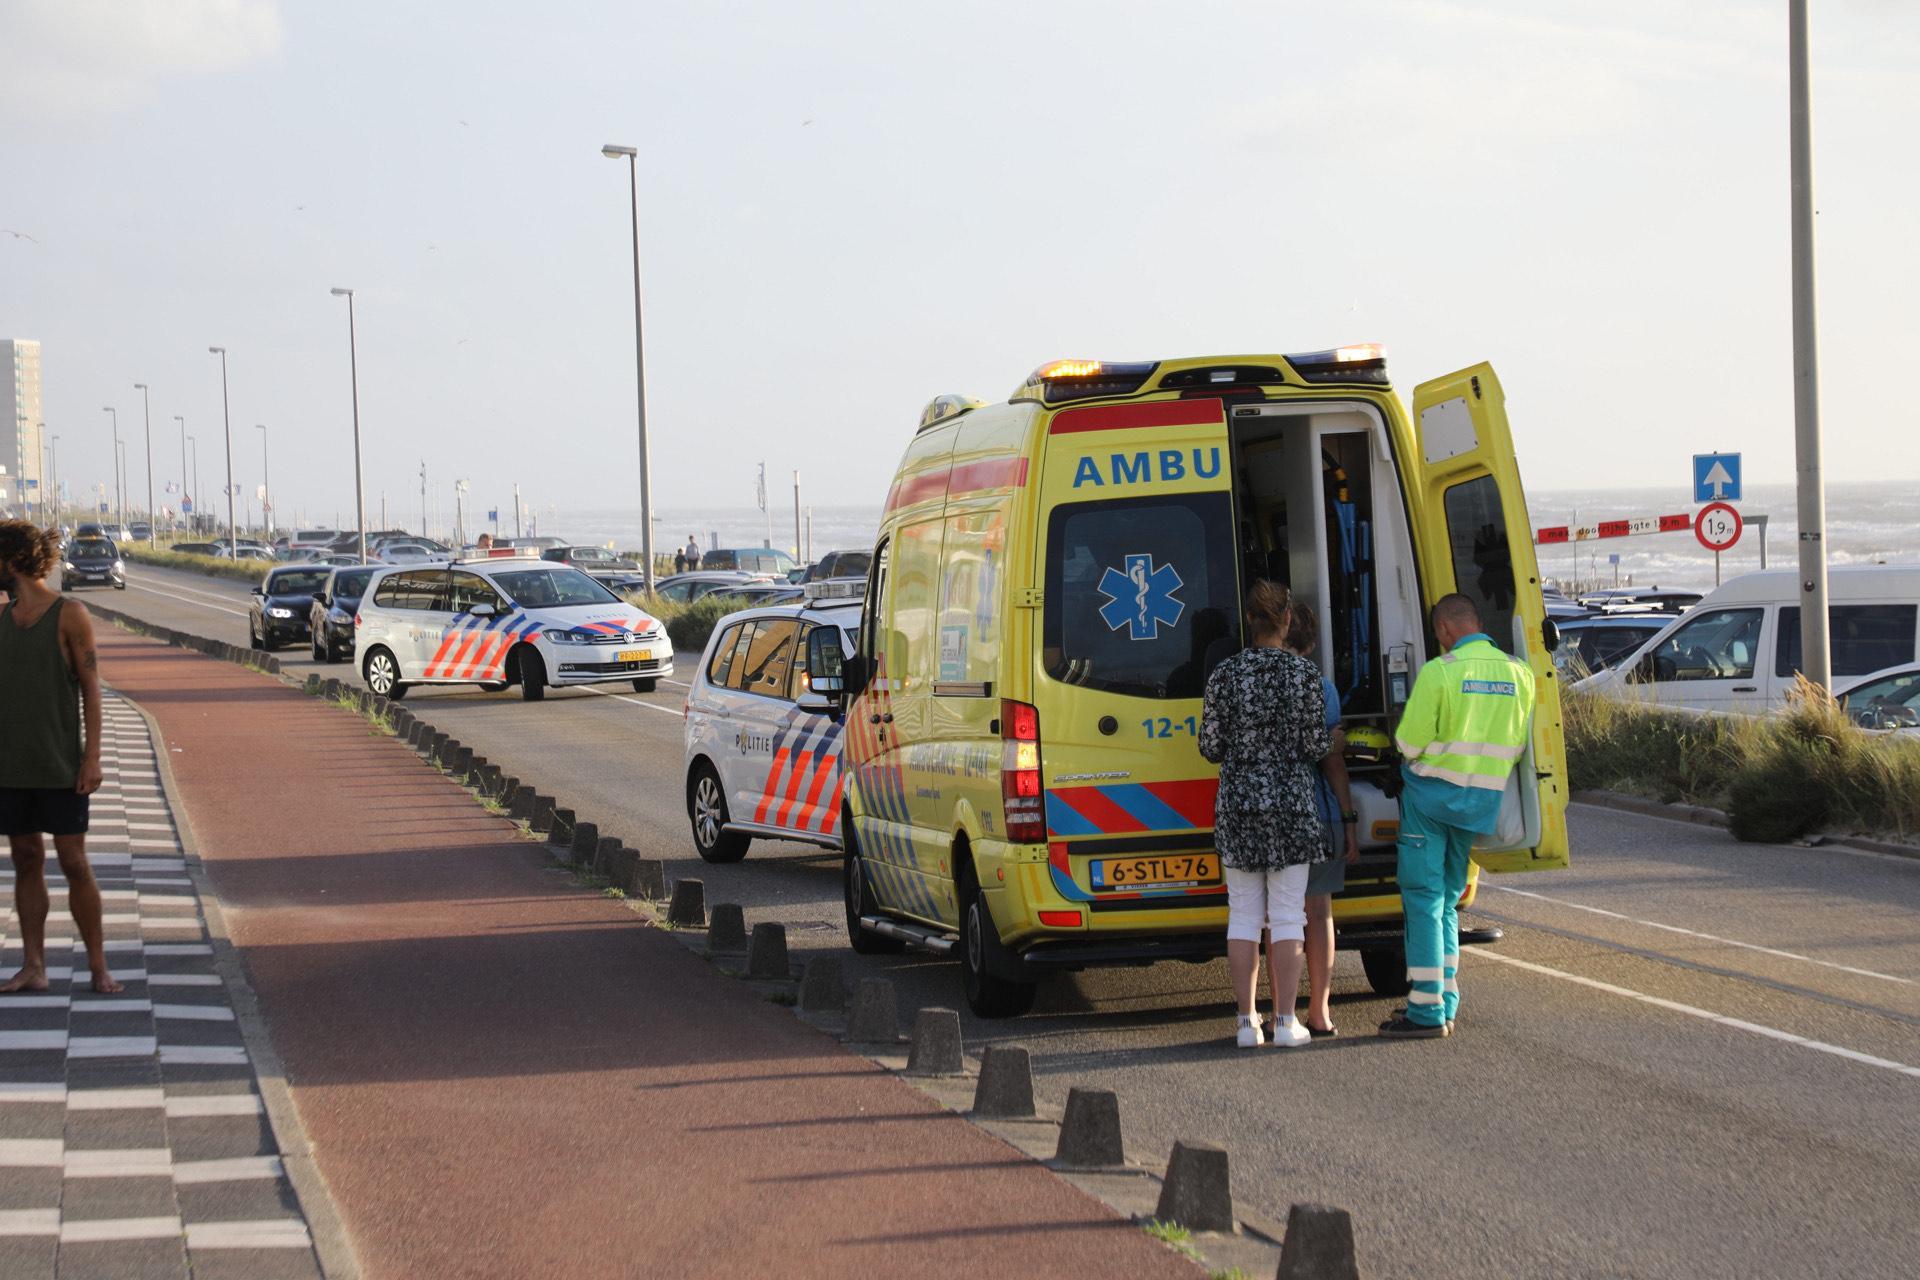 Voetganger verbrijzelt voorruit auto bij aanrijding in Zandvoort, maar komt er wonderwel vanaf